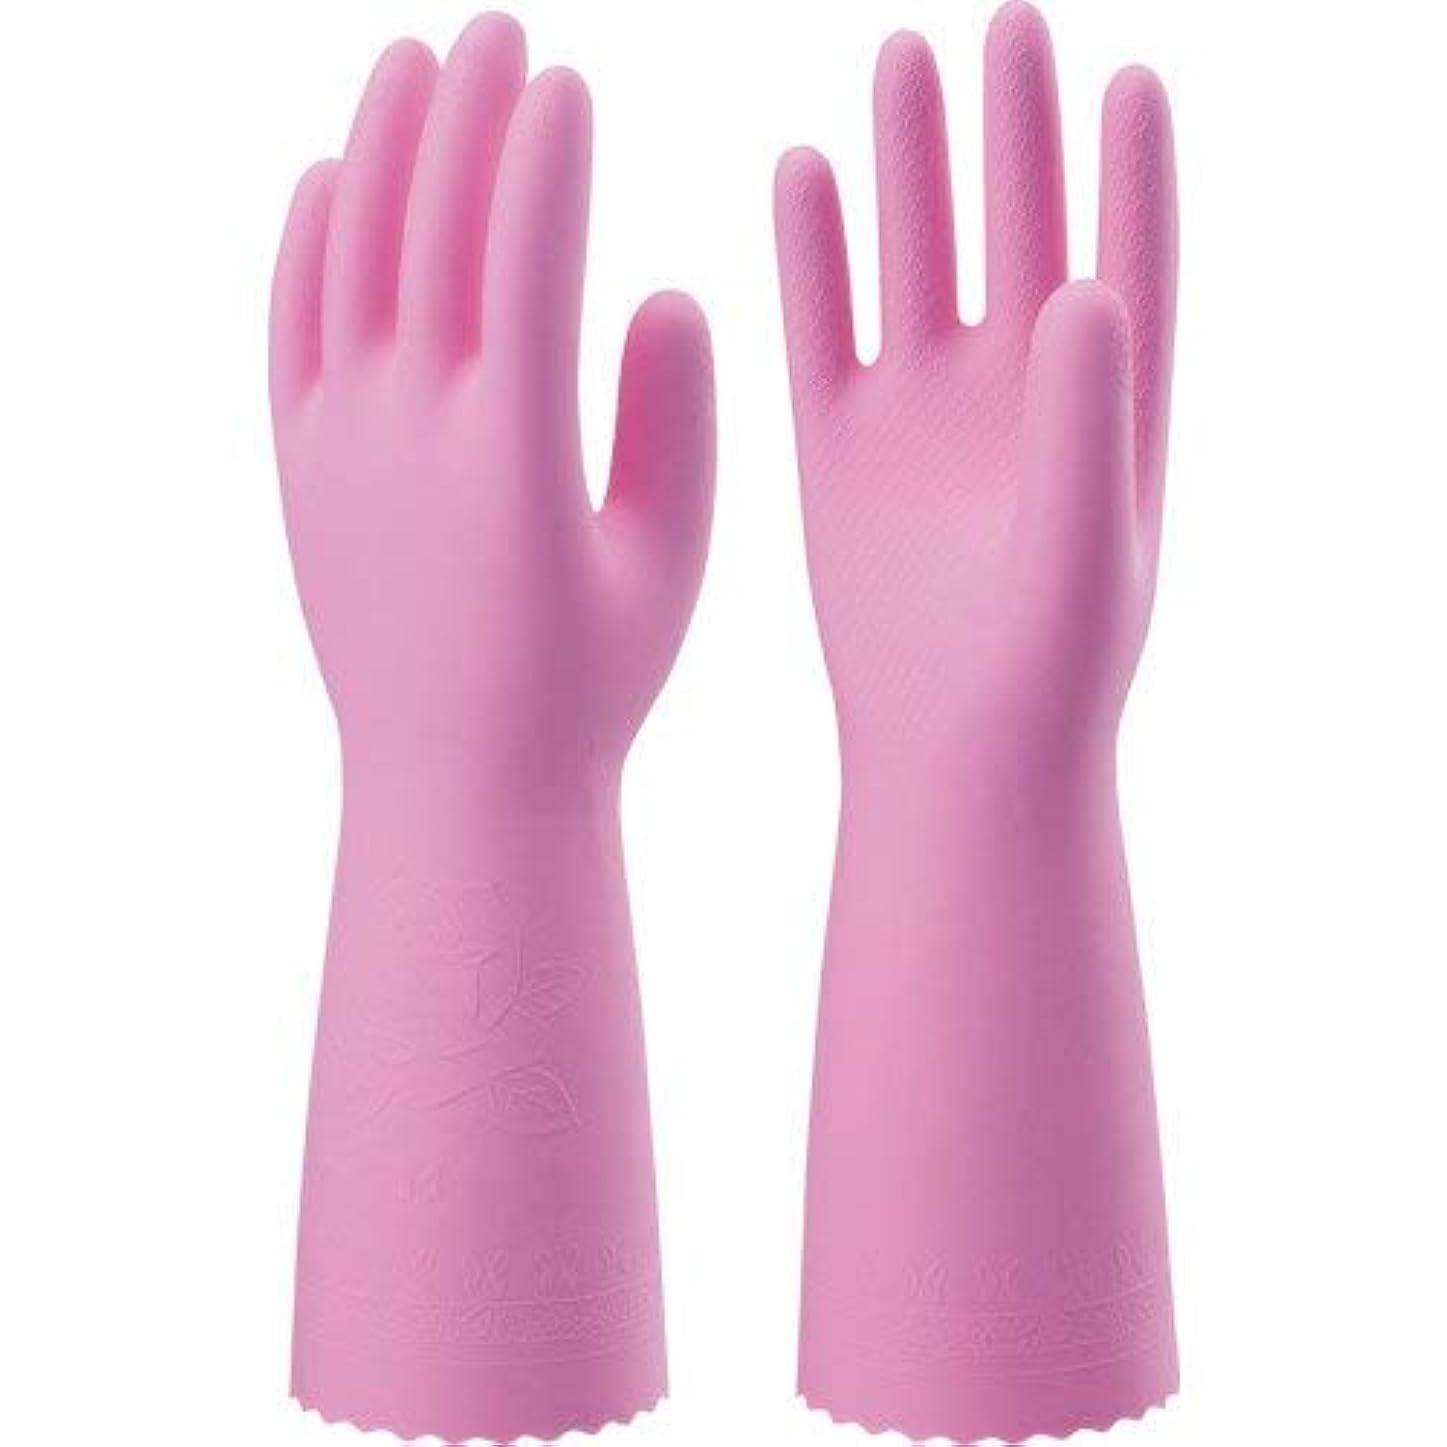 ナイスハンドミュー厚手 Mピンク × 90個セット